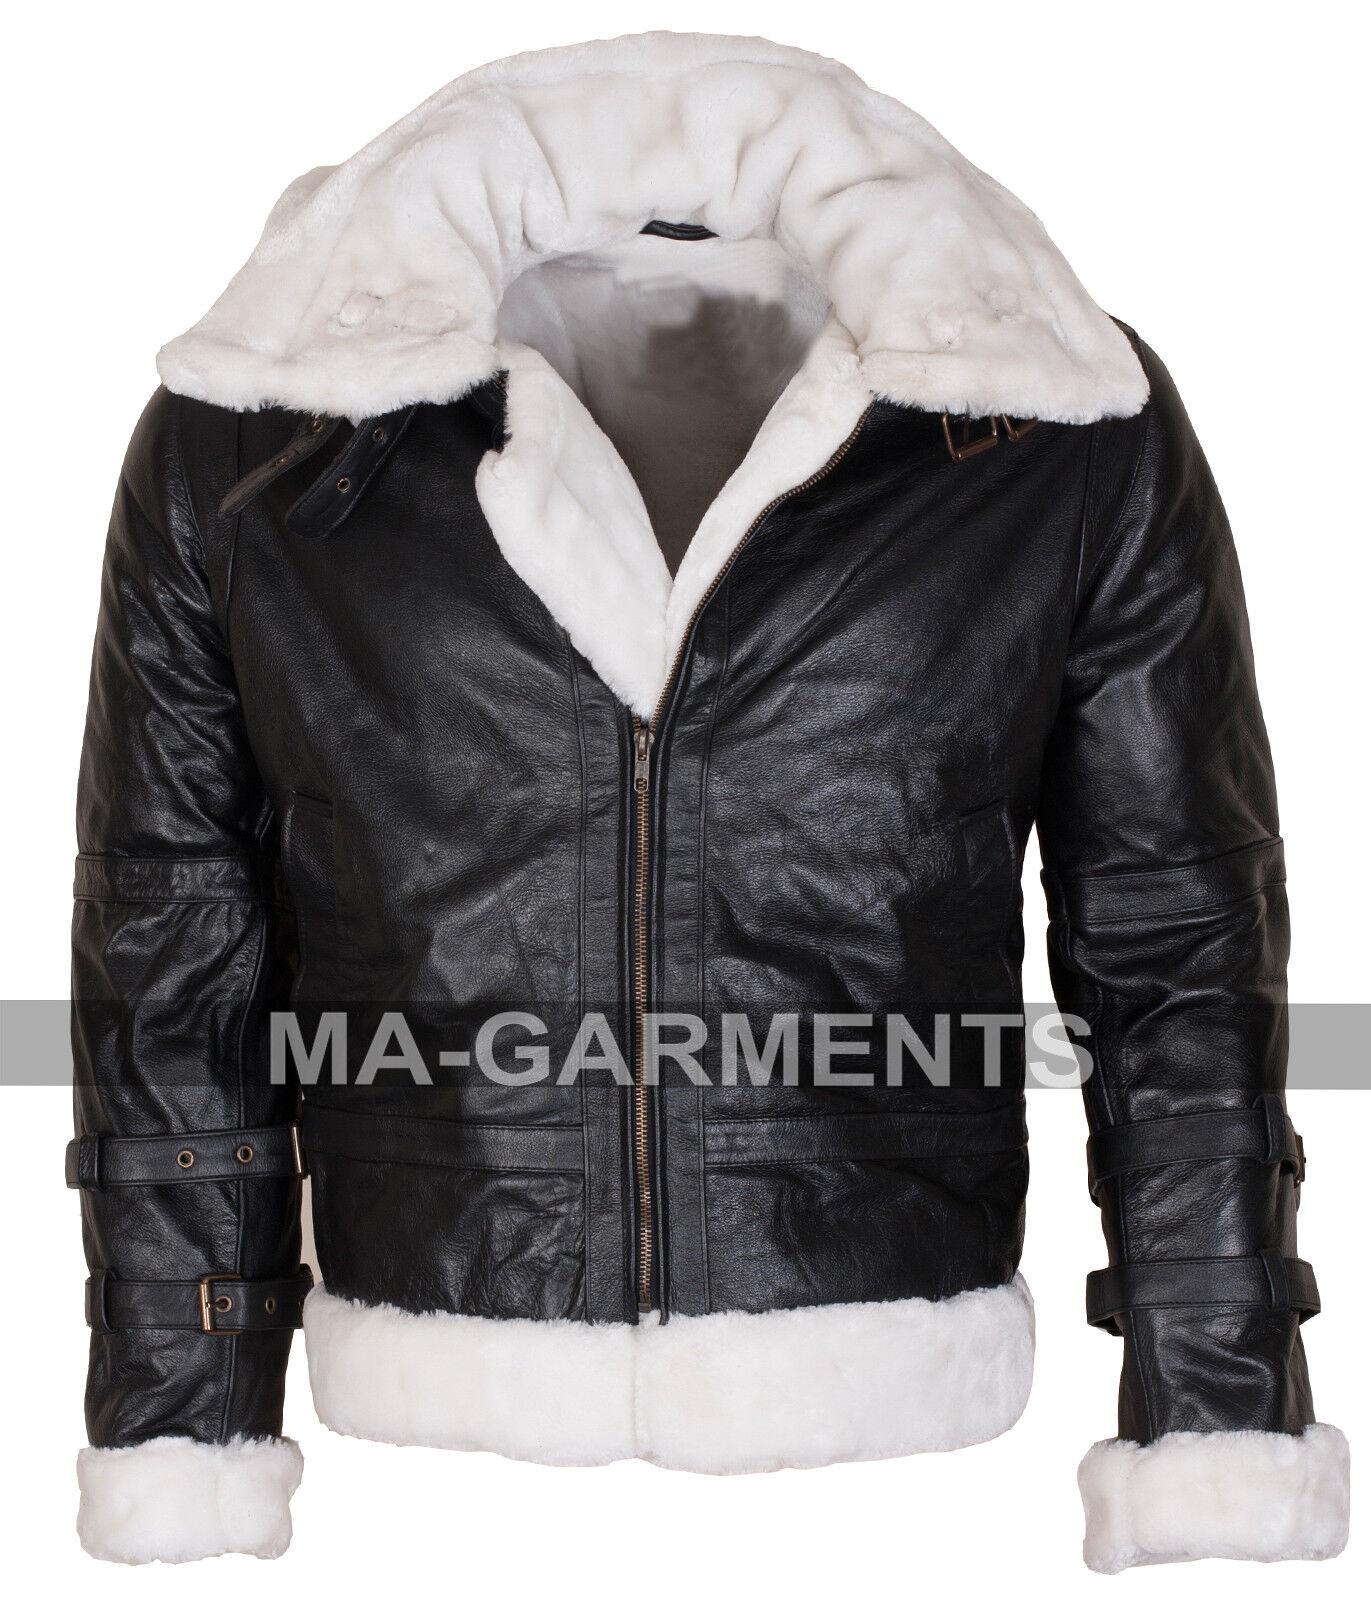 Cappotto Invernale da Uomo in Pelle Moto bavero Giacca Biker bavero Moto collare ispessimento cappotto c07825